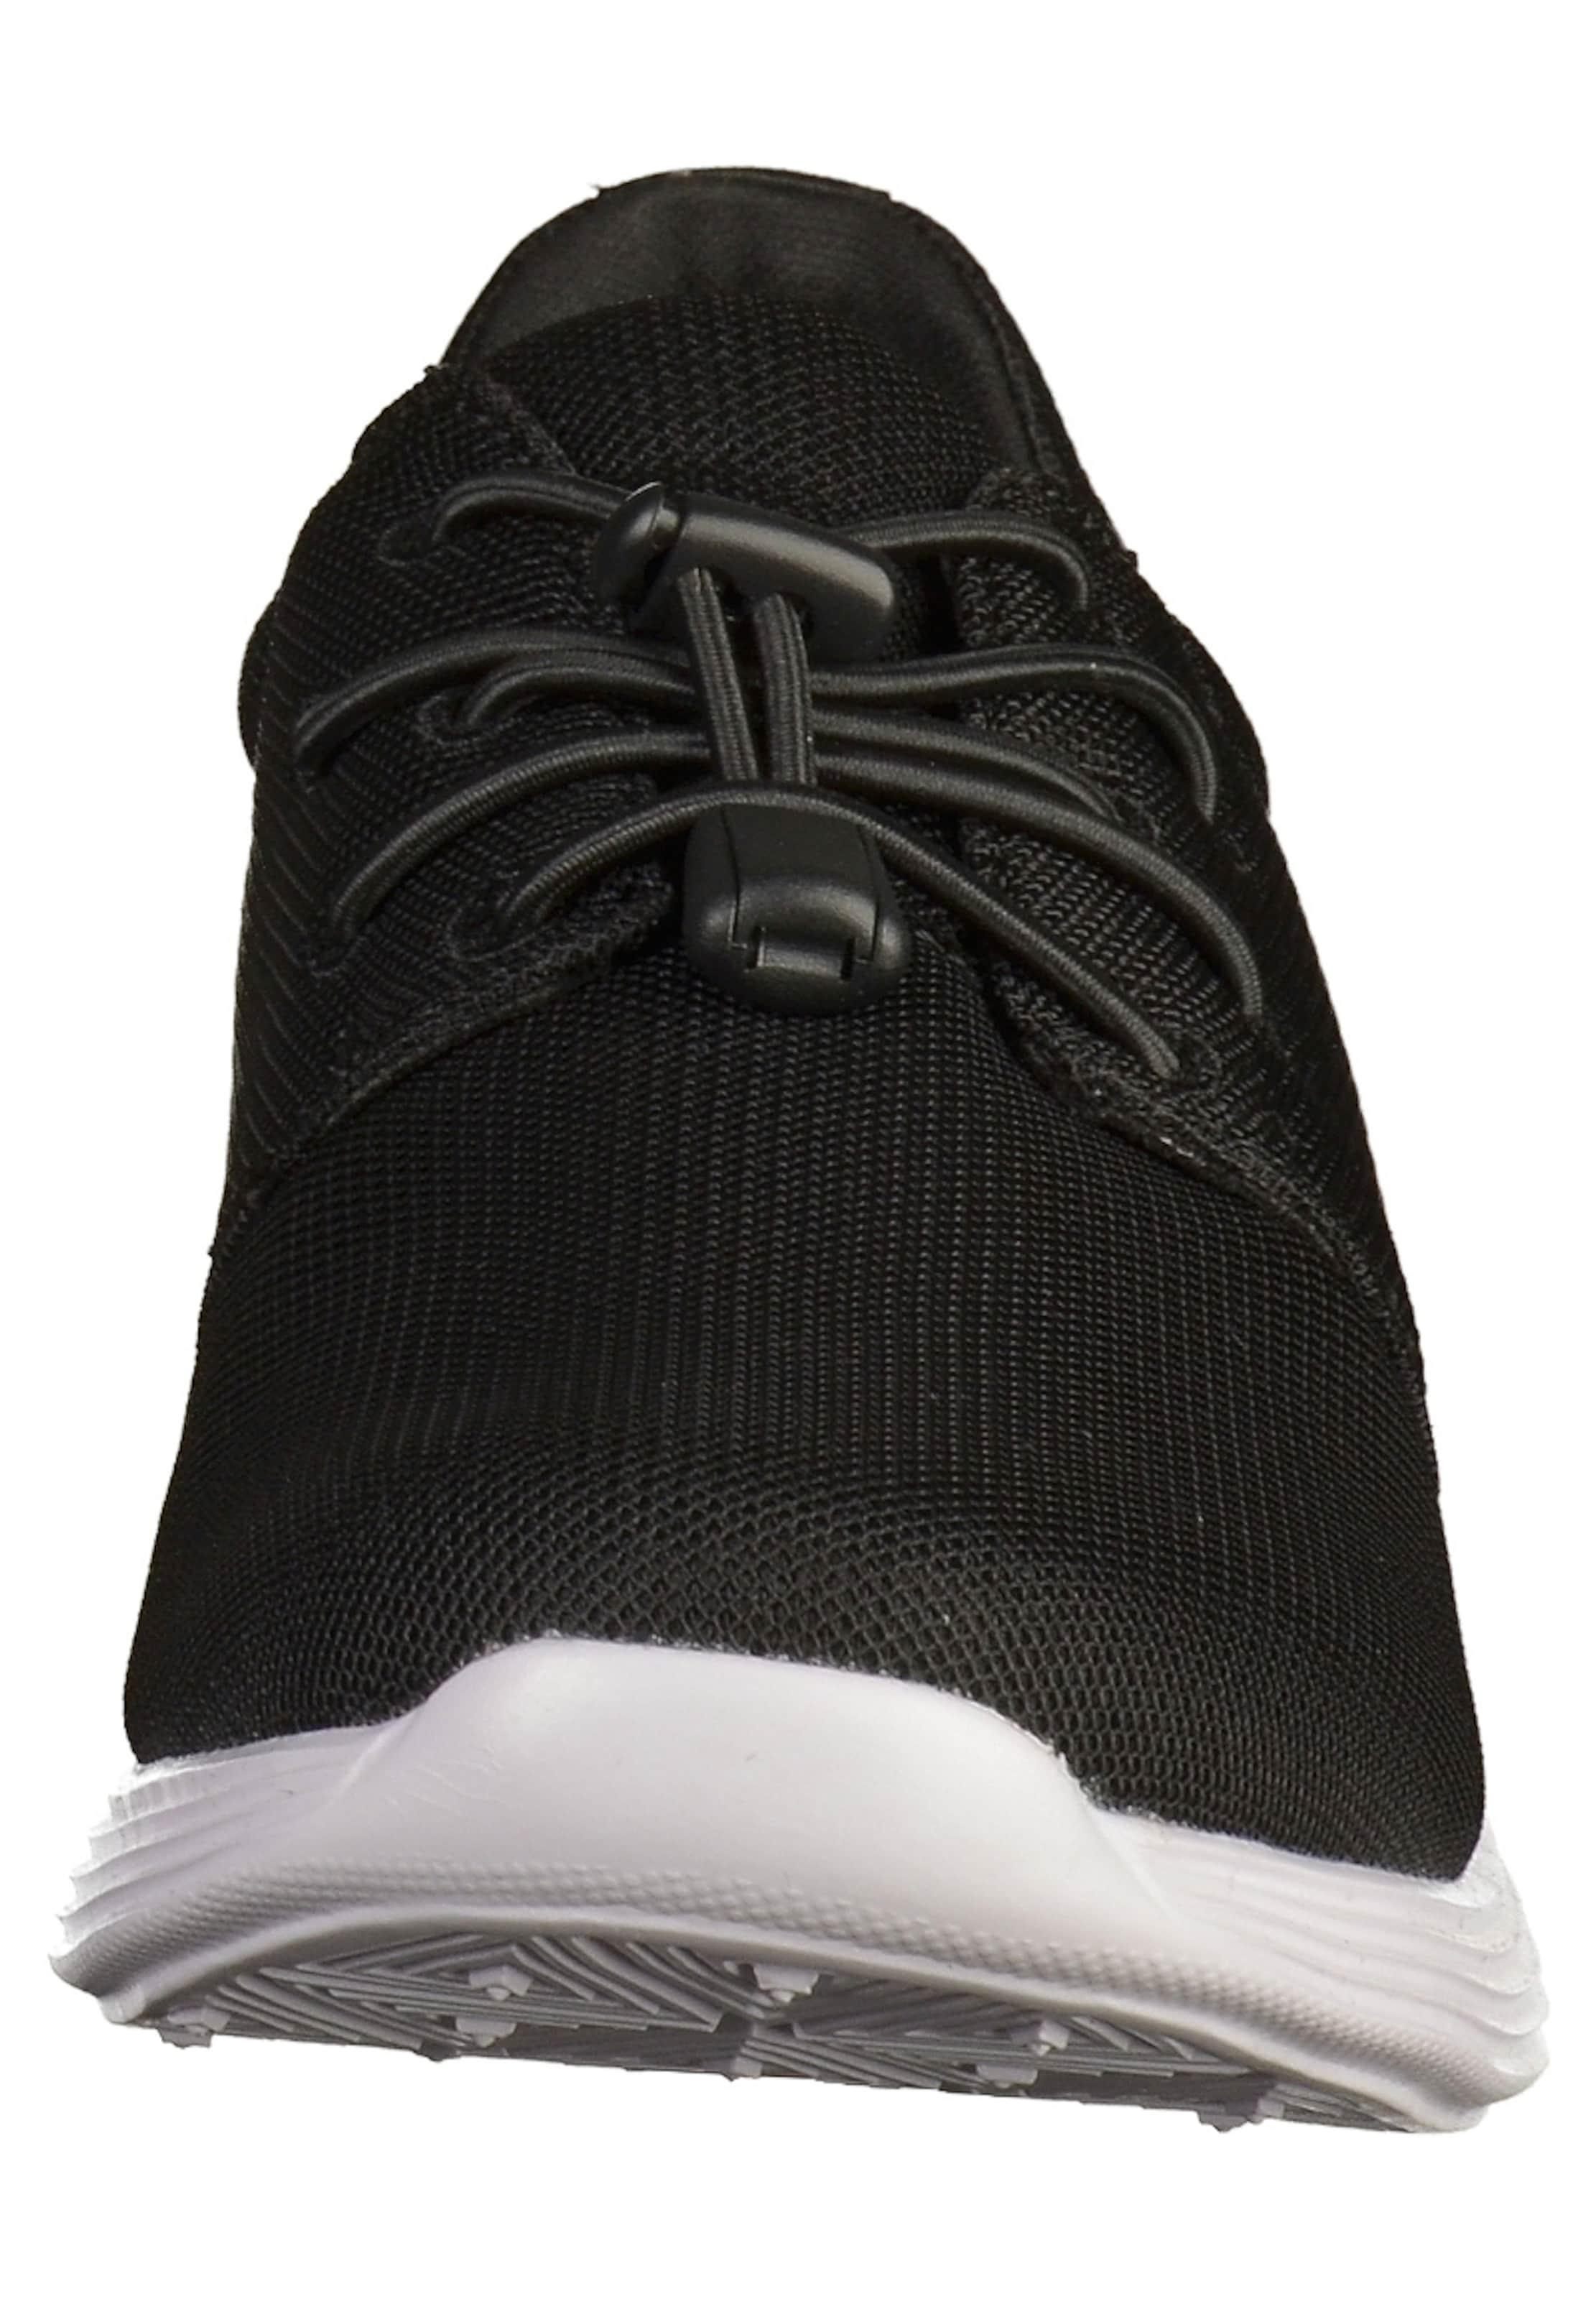 TAMARIS Sneaker Bester Lieferant Footlocker Finish Verkauf Online Spielraum Browse Zuverlässig Authentische Online miWbfL1Uf